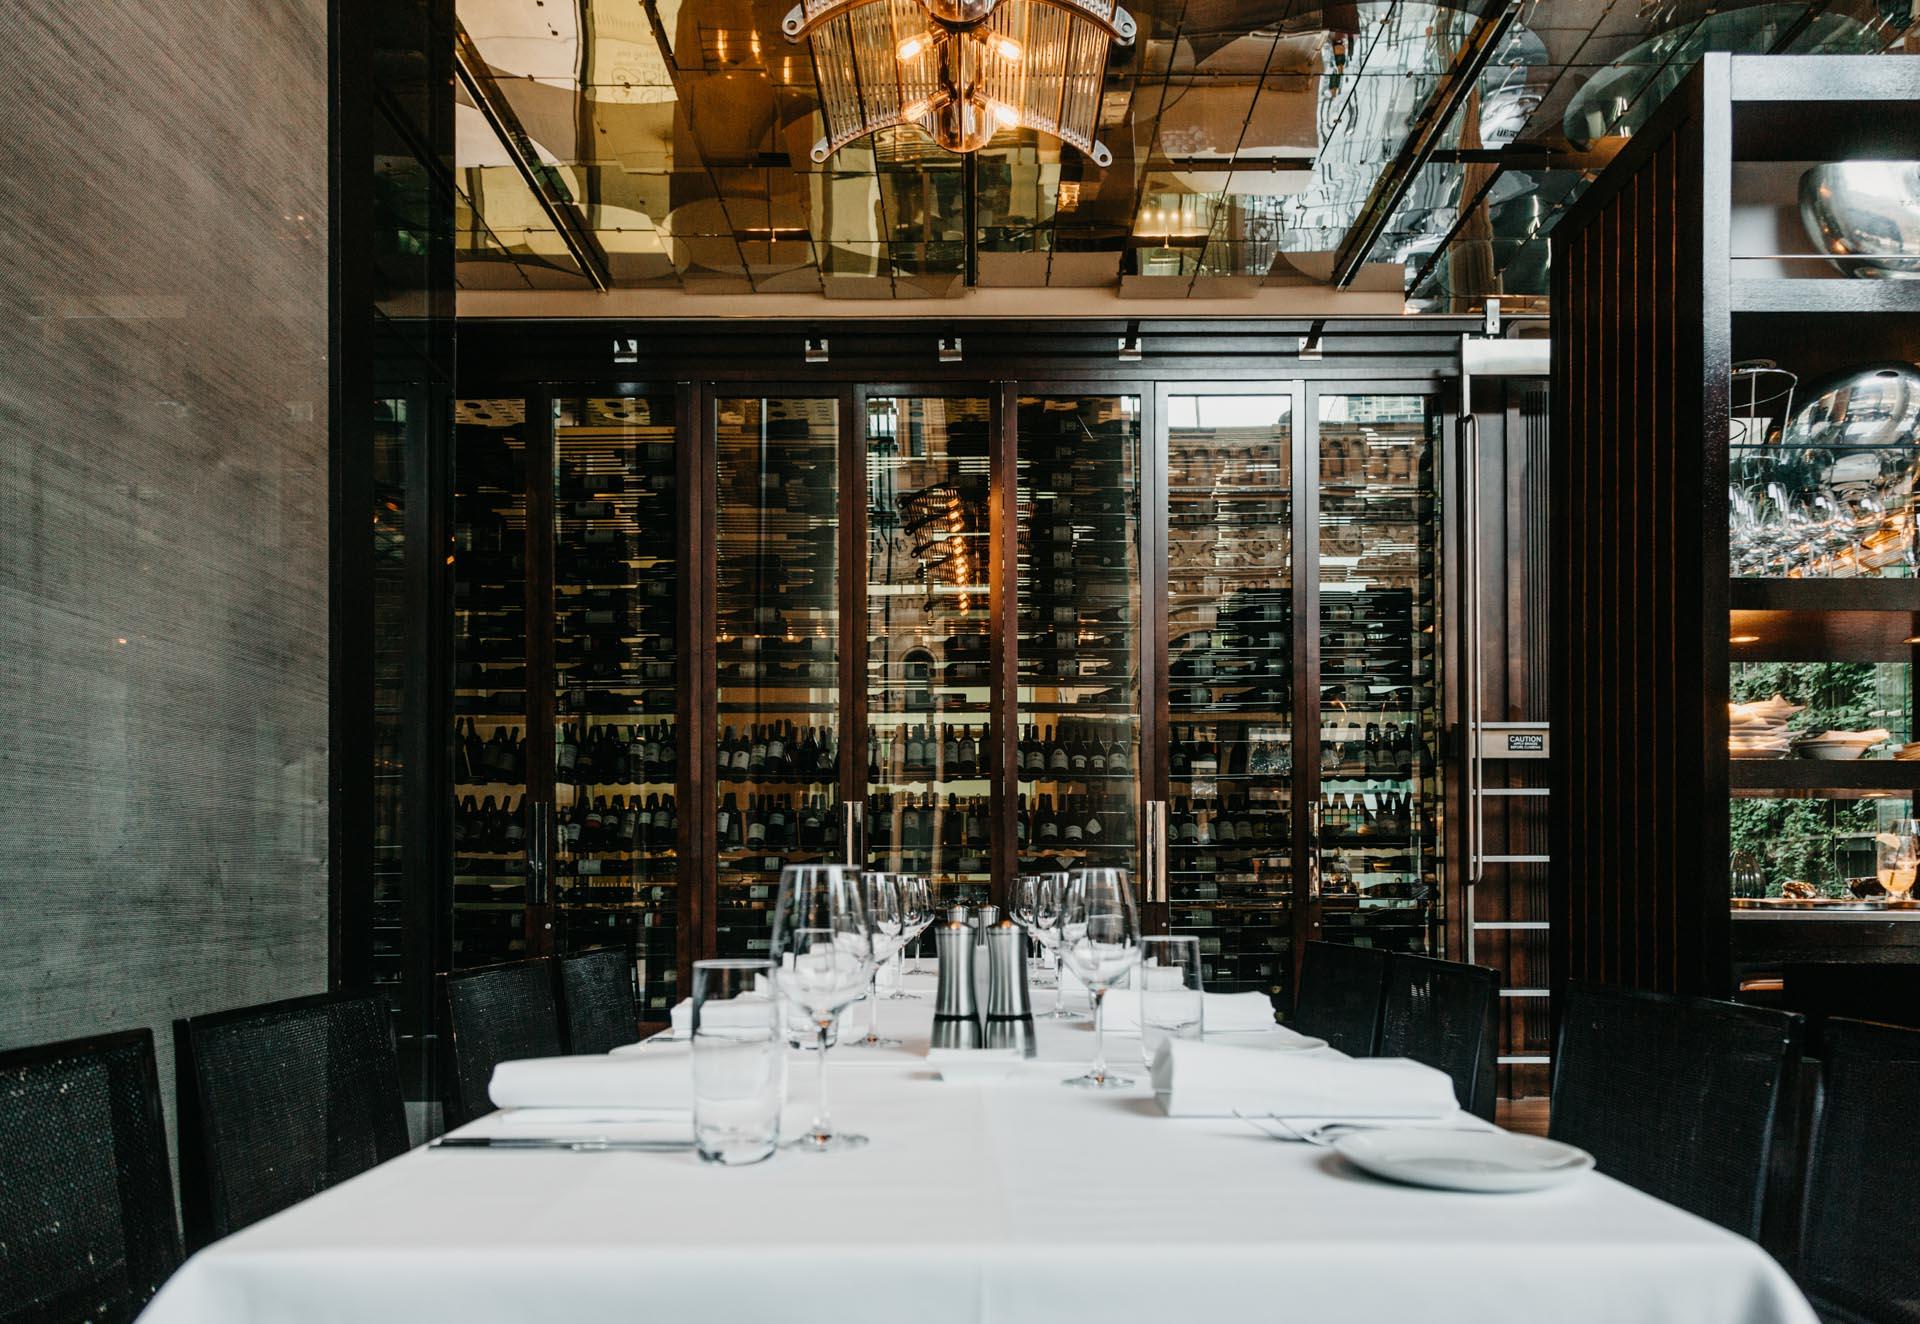 glass - restaurant interior - 2018 (lowres)-19.jpg